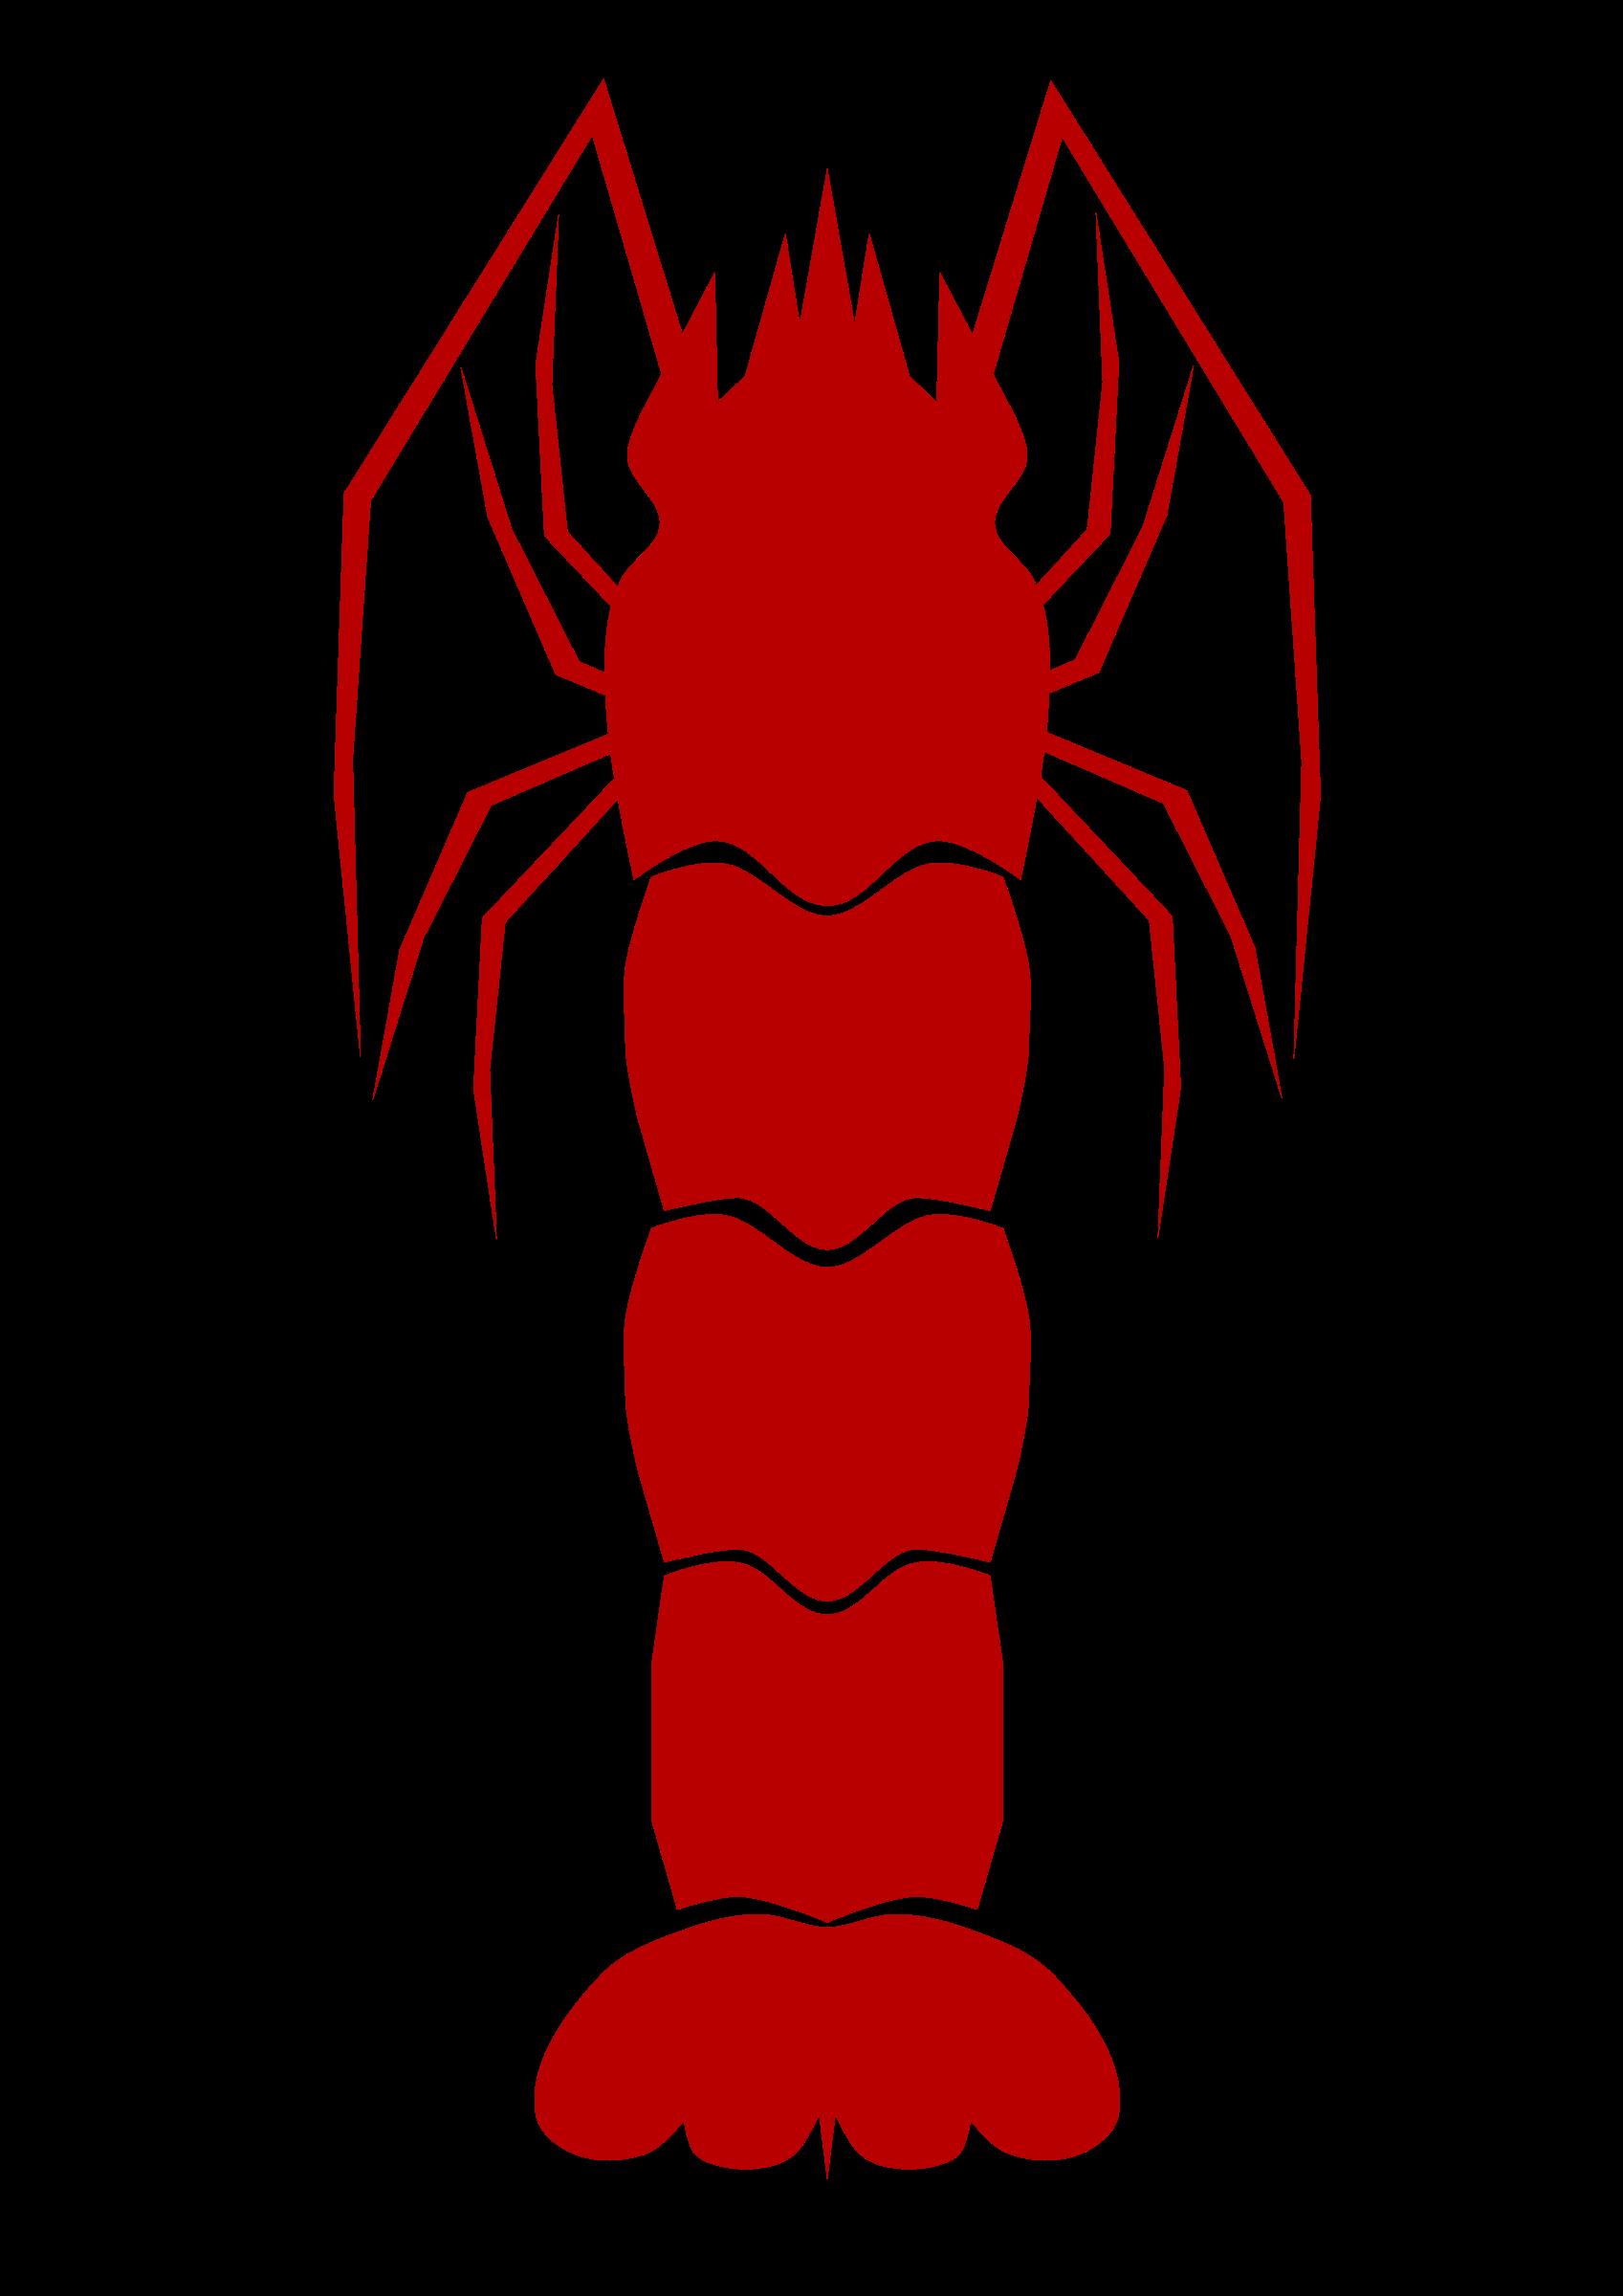 Fish clipart shrimp. Big image png